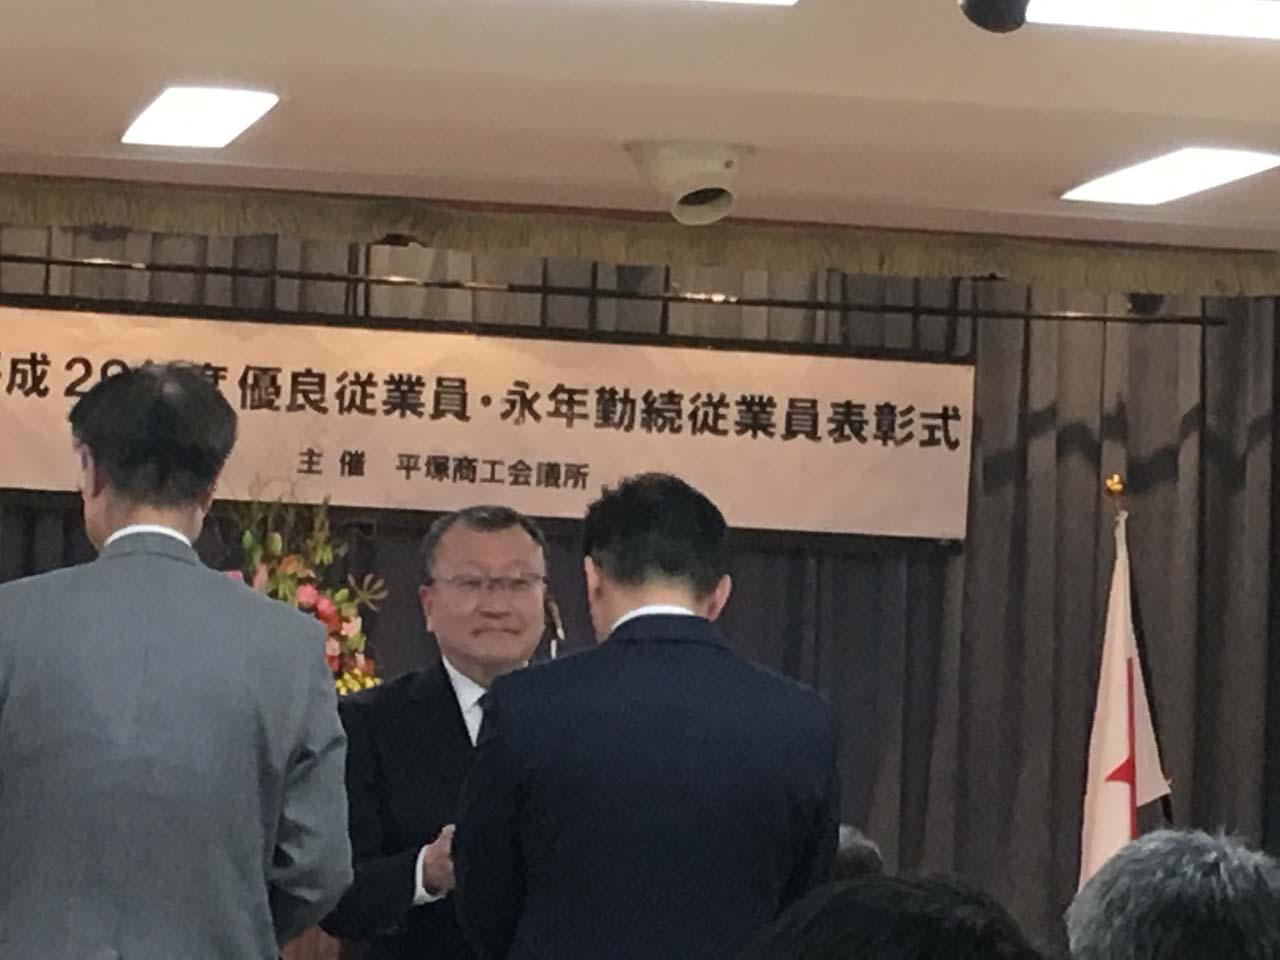 平塚市永年勤続従業員の表彰式